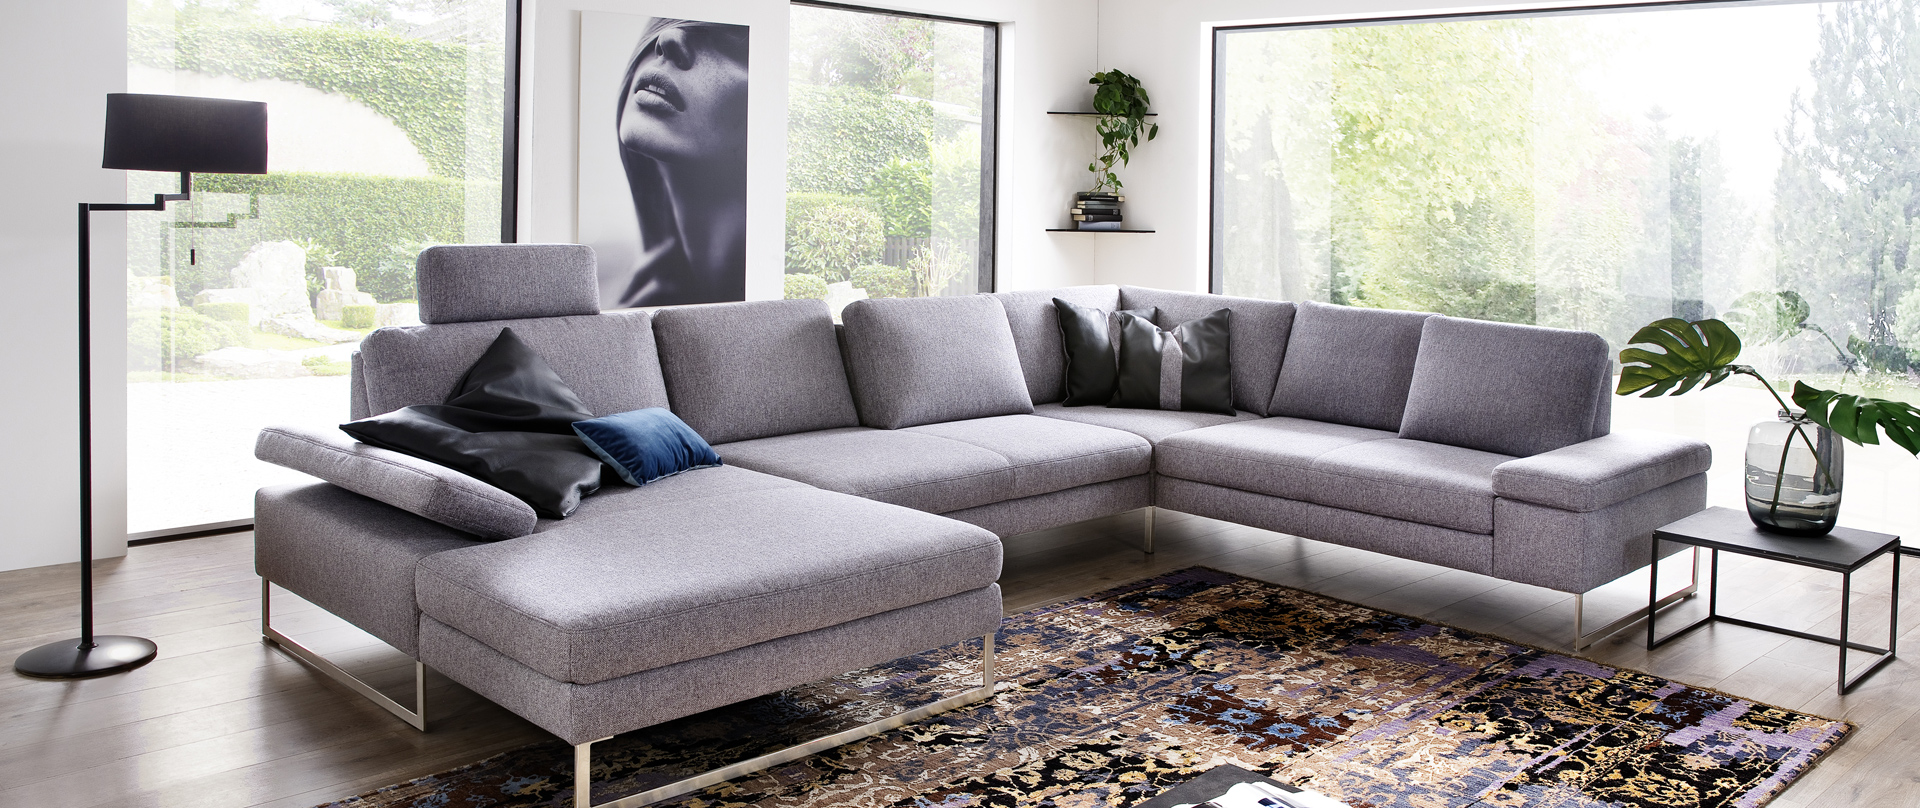 Full Size of Graue Couch Welche Kissen Graues Sofa Grauer Teppich Dekorieren Wandfarbe Weisser Mit Farbe Beiger Welcher Passt Stoff Grau Echtleder Relaxfunktion Big Sam Hay Sofa Graues Sofa